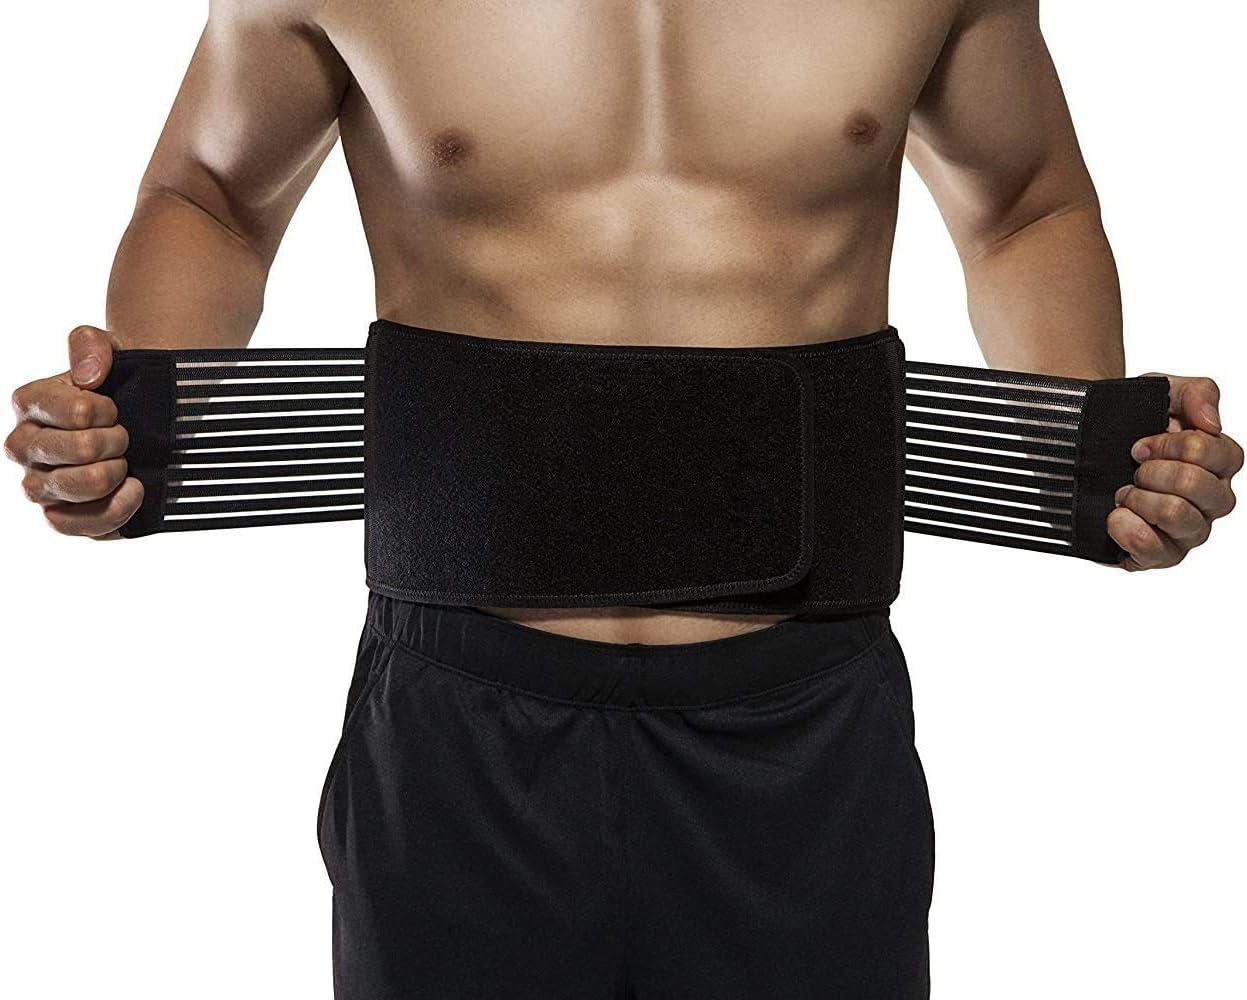 OrthoCare S - Faja lumbar hombre/mujer. TALLA ÚNICA. Corrector de postura y Rehabilitación de dolor y lesiones.